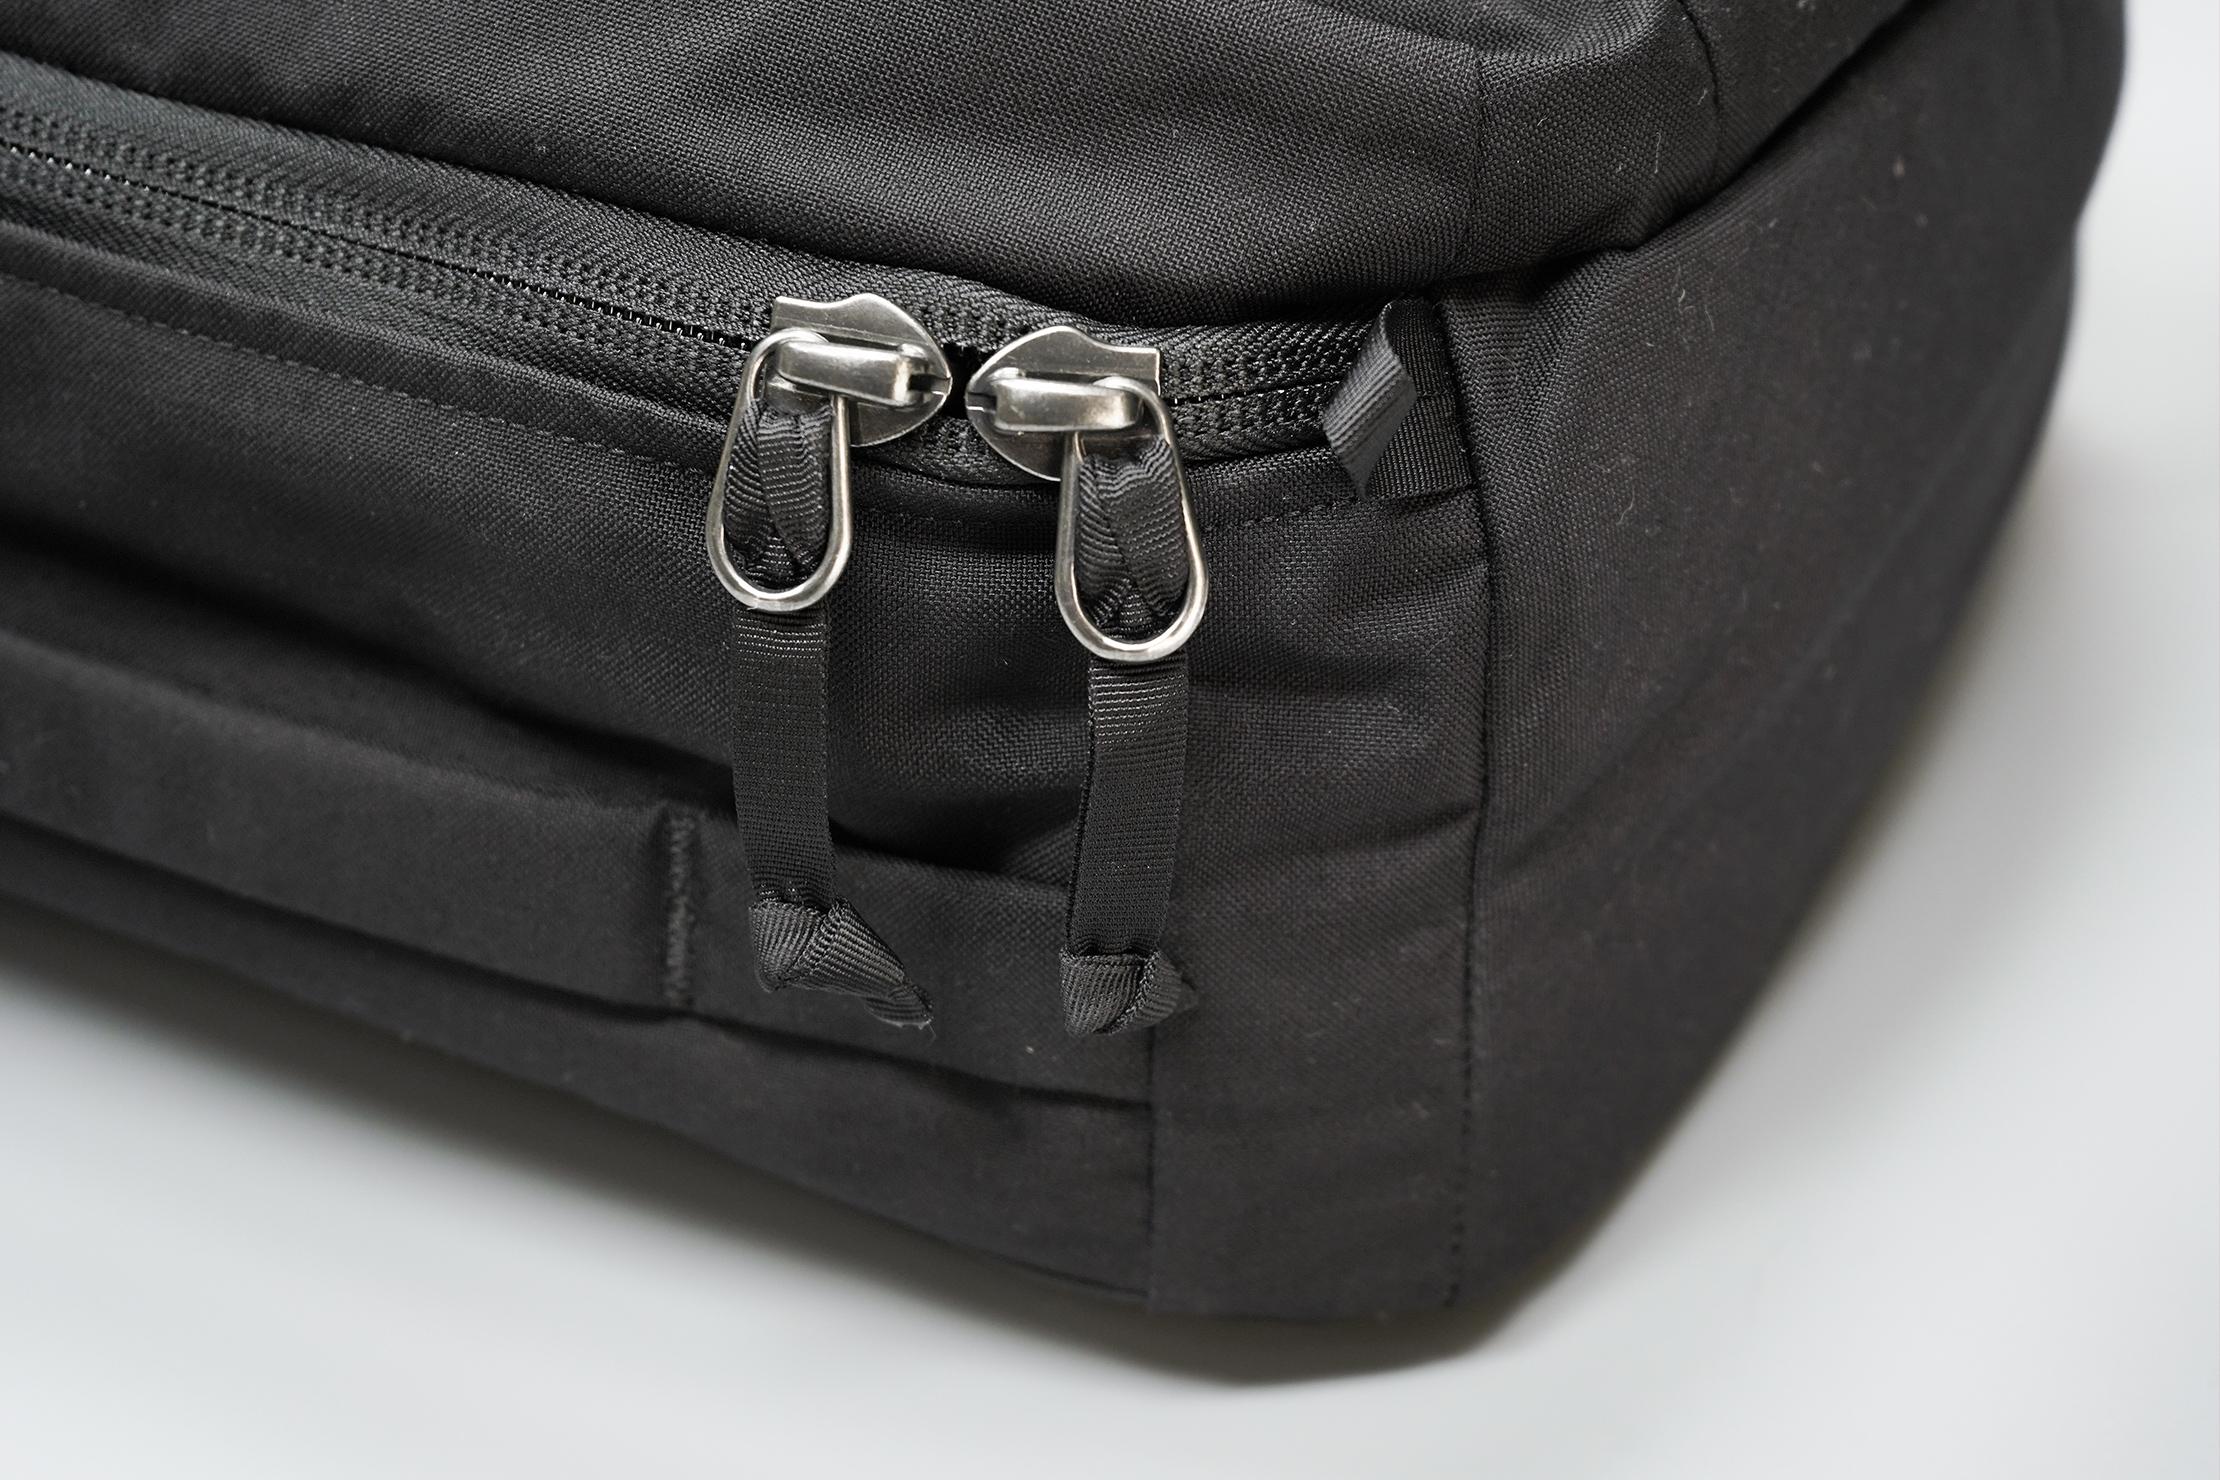 EVERGOODS CPL28 Zippers